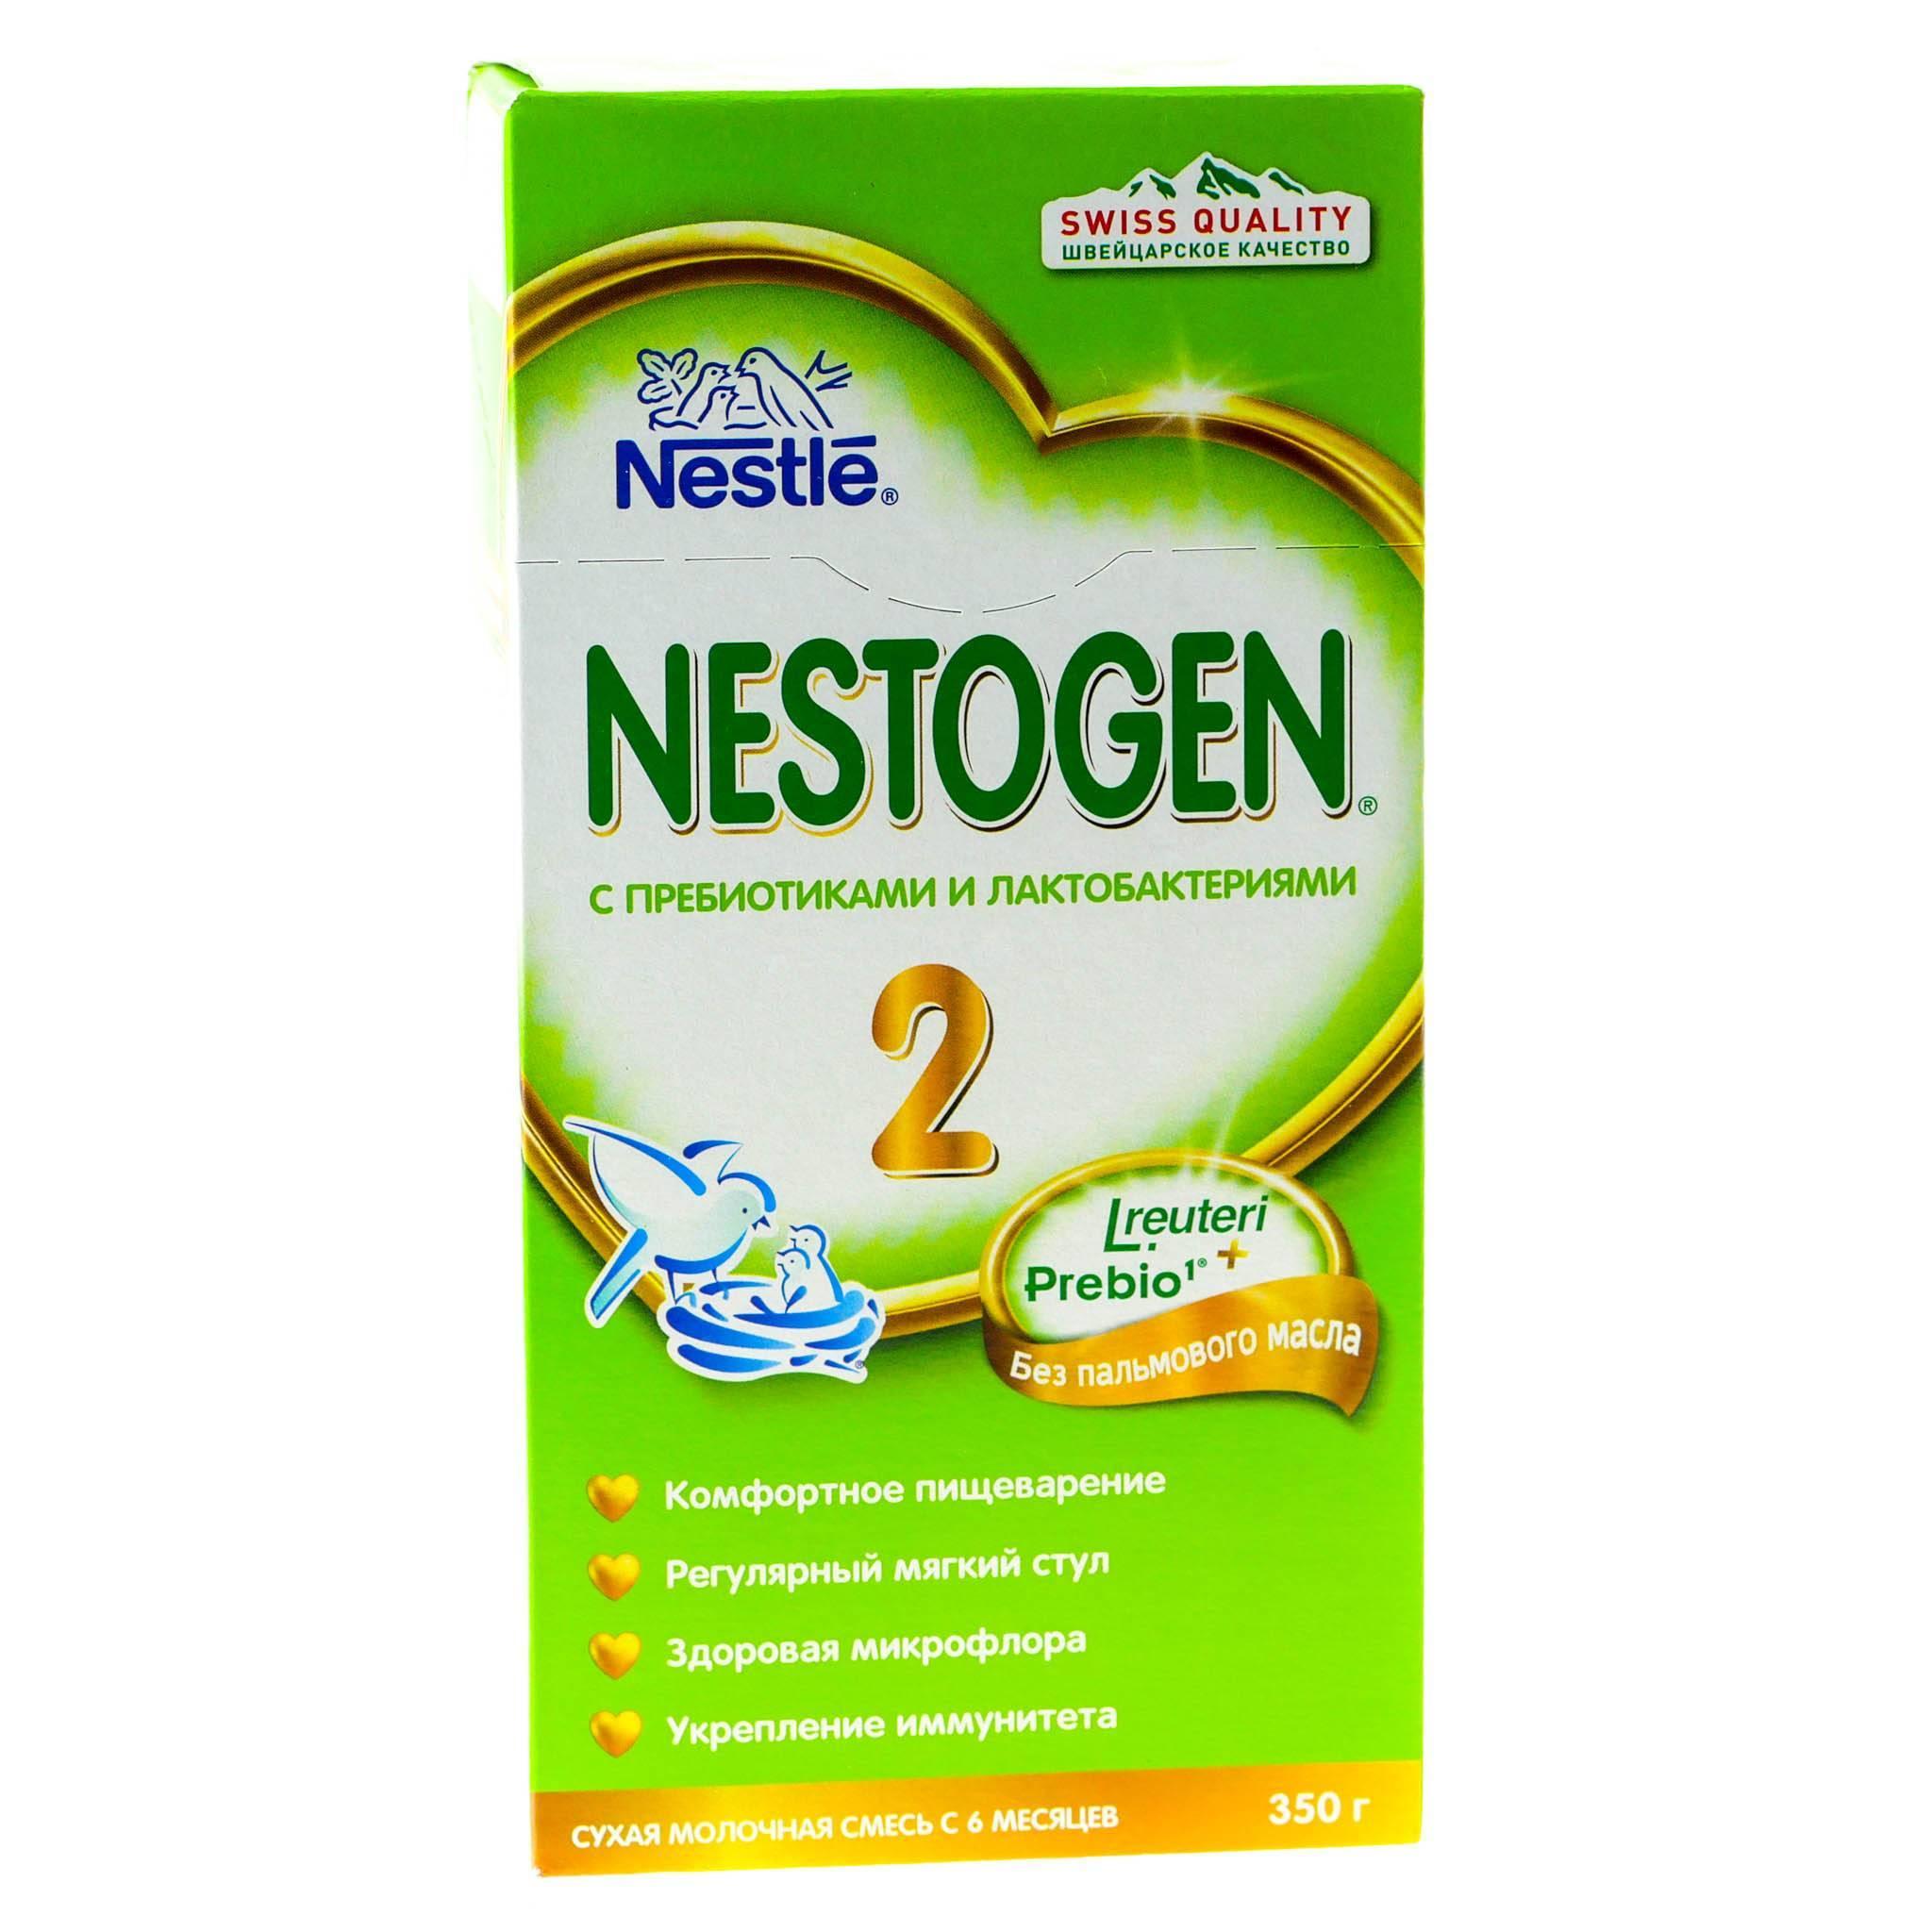 Nestogen 1. отзывы - детское питание - первый независимый сайт отзывов россии